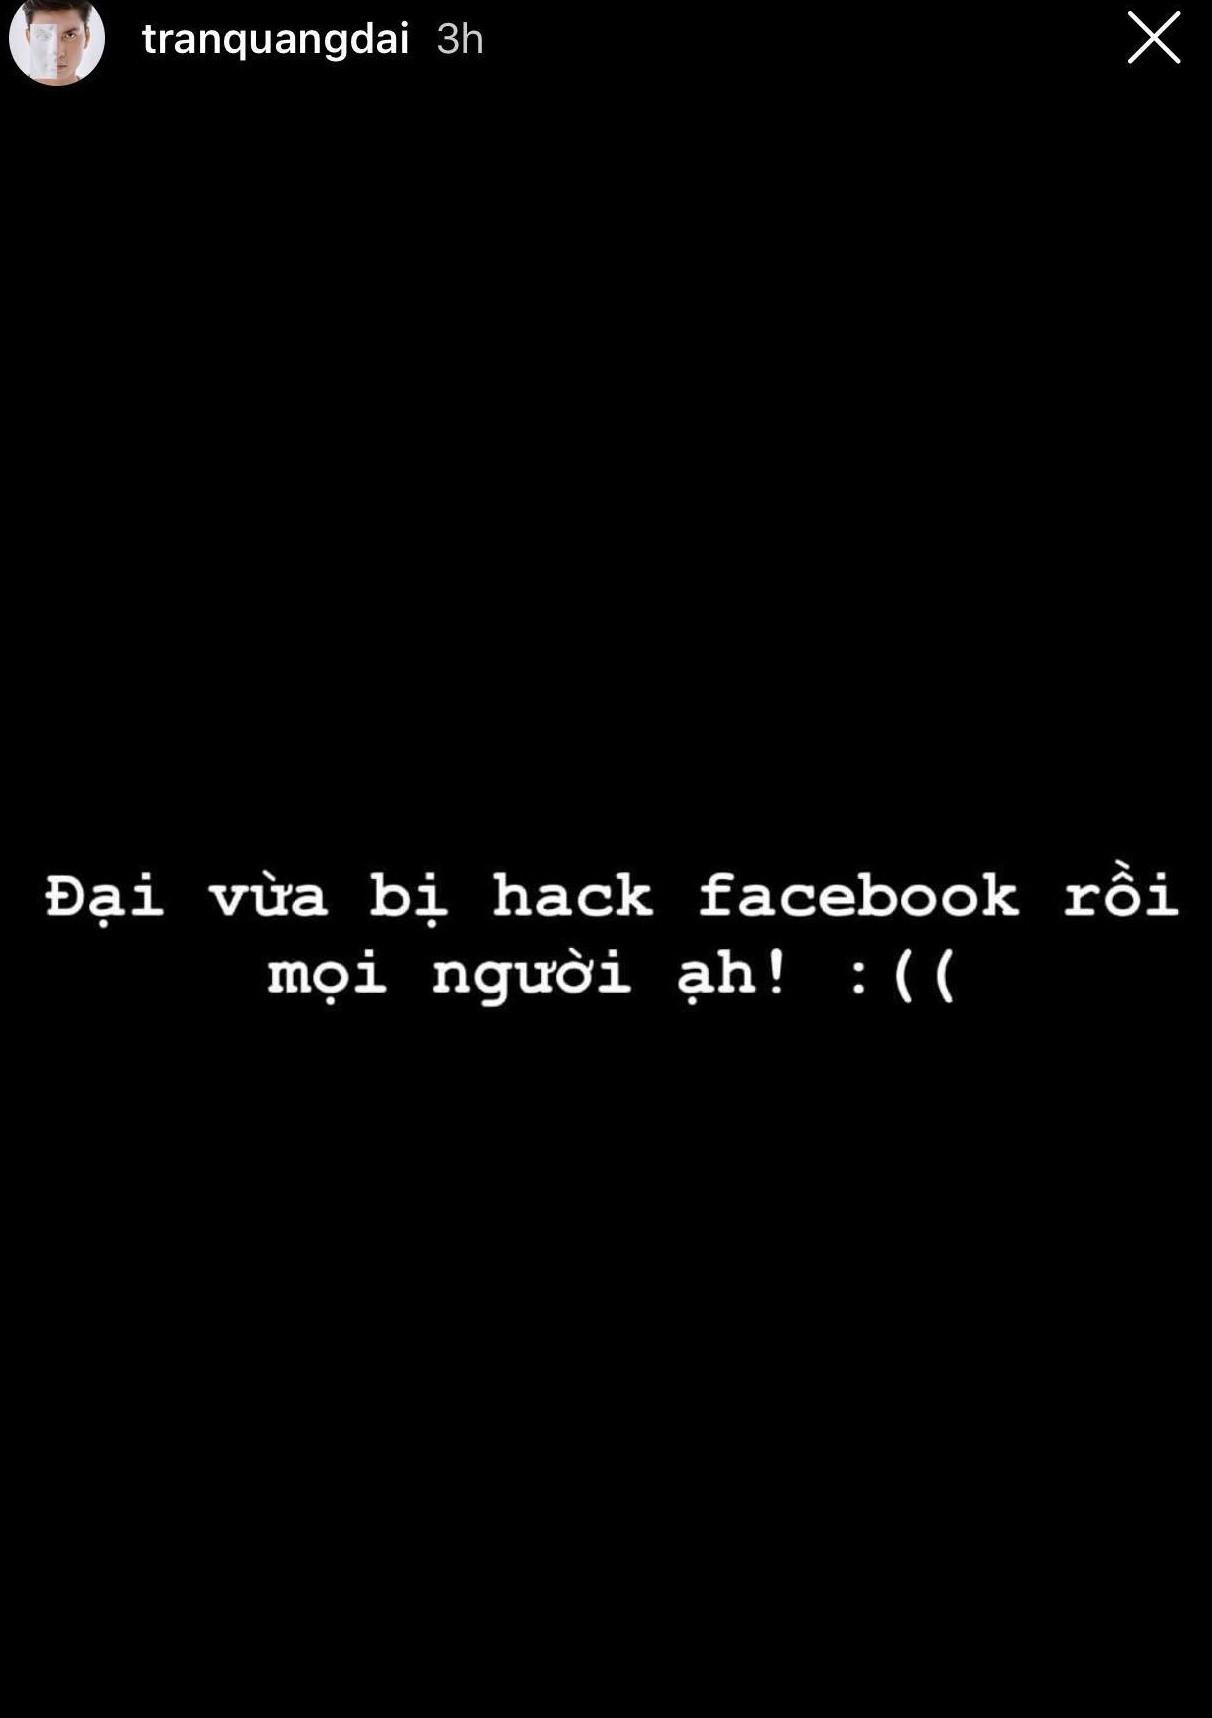 Cảnh báo khẩn cấp: Liên tiếp Facebook của nhiều người nổi tiếng bị hack sau 1 đêm, phải bỏ hàng chục triệu đồng để chuộc lại - Ảnh 2.